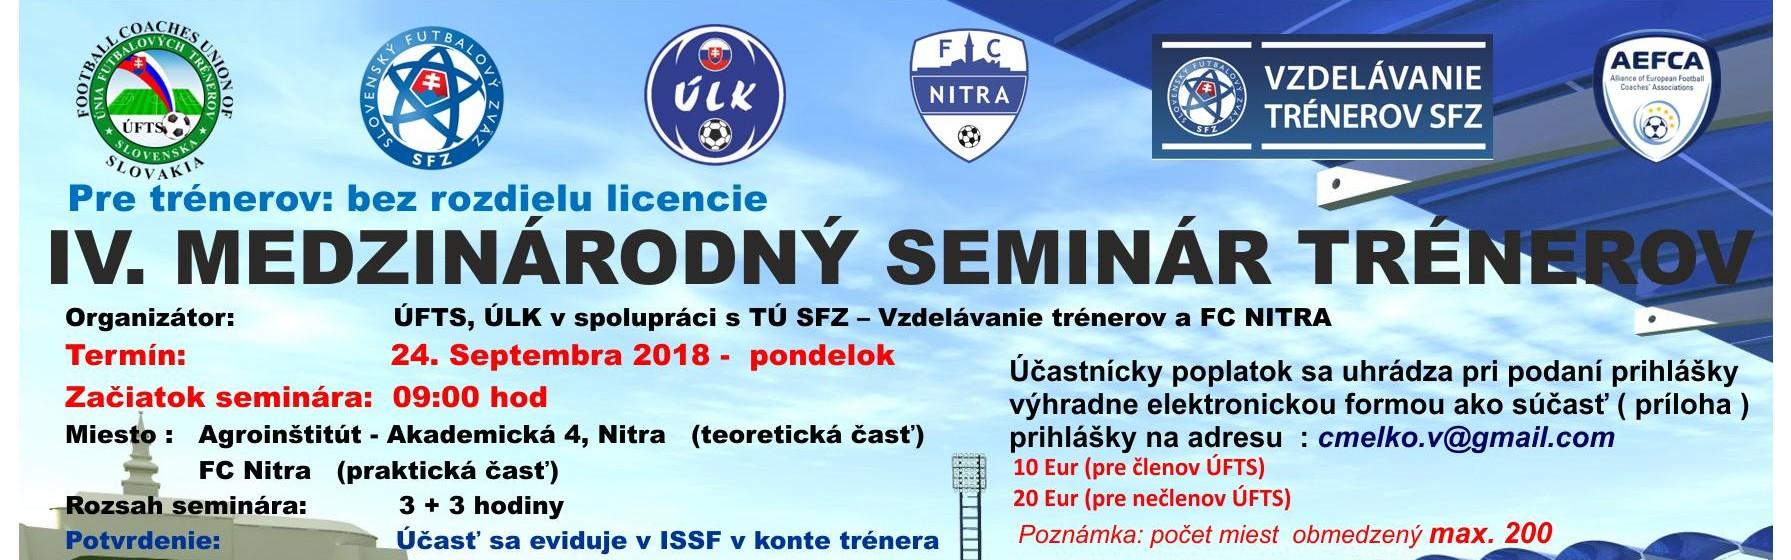 IV. medzinárodný seminár trénerov